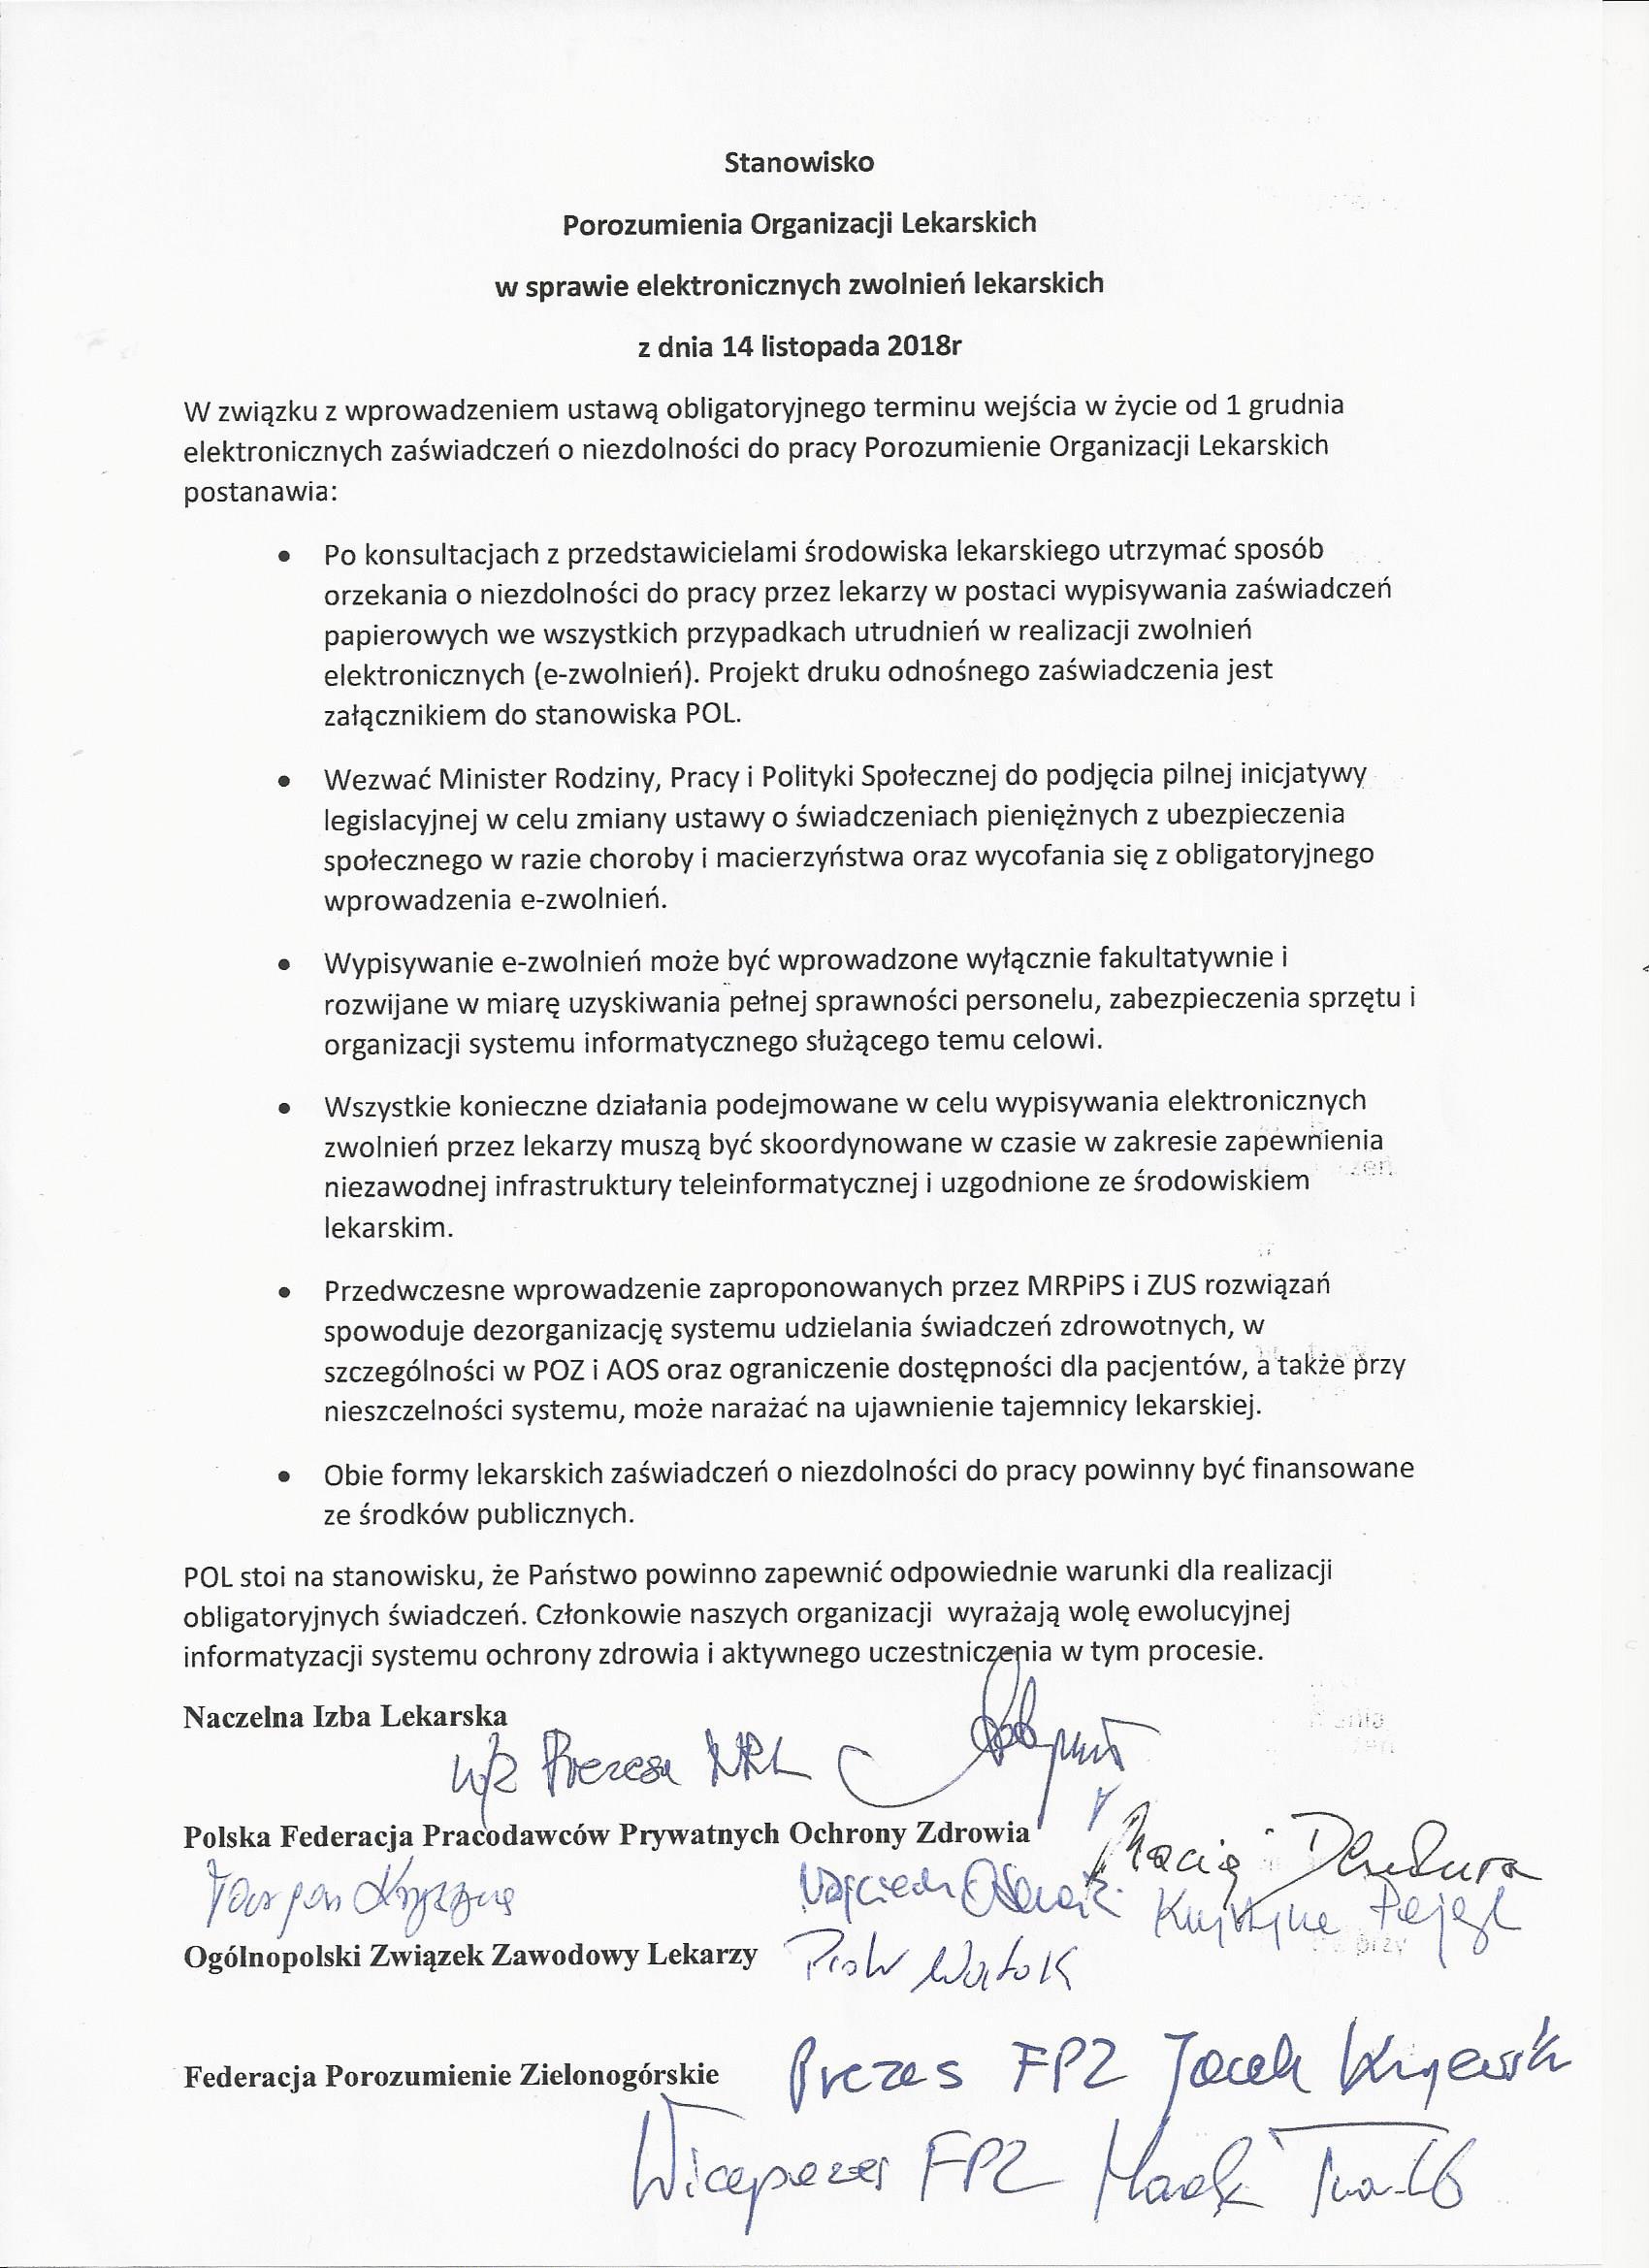 Stanowisko Porozumienia Organizacji Lekarskich ws e-zwolnień.jpg